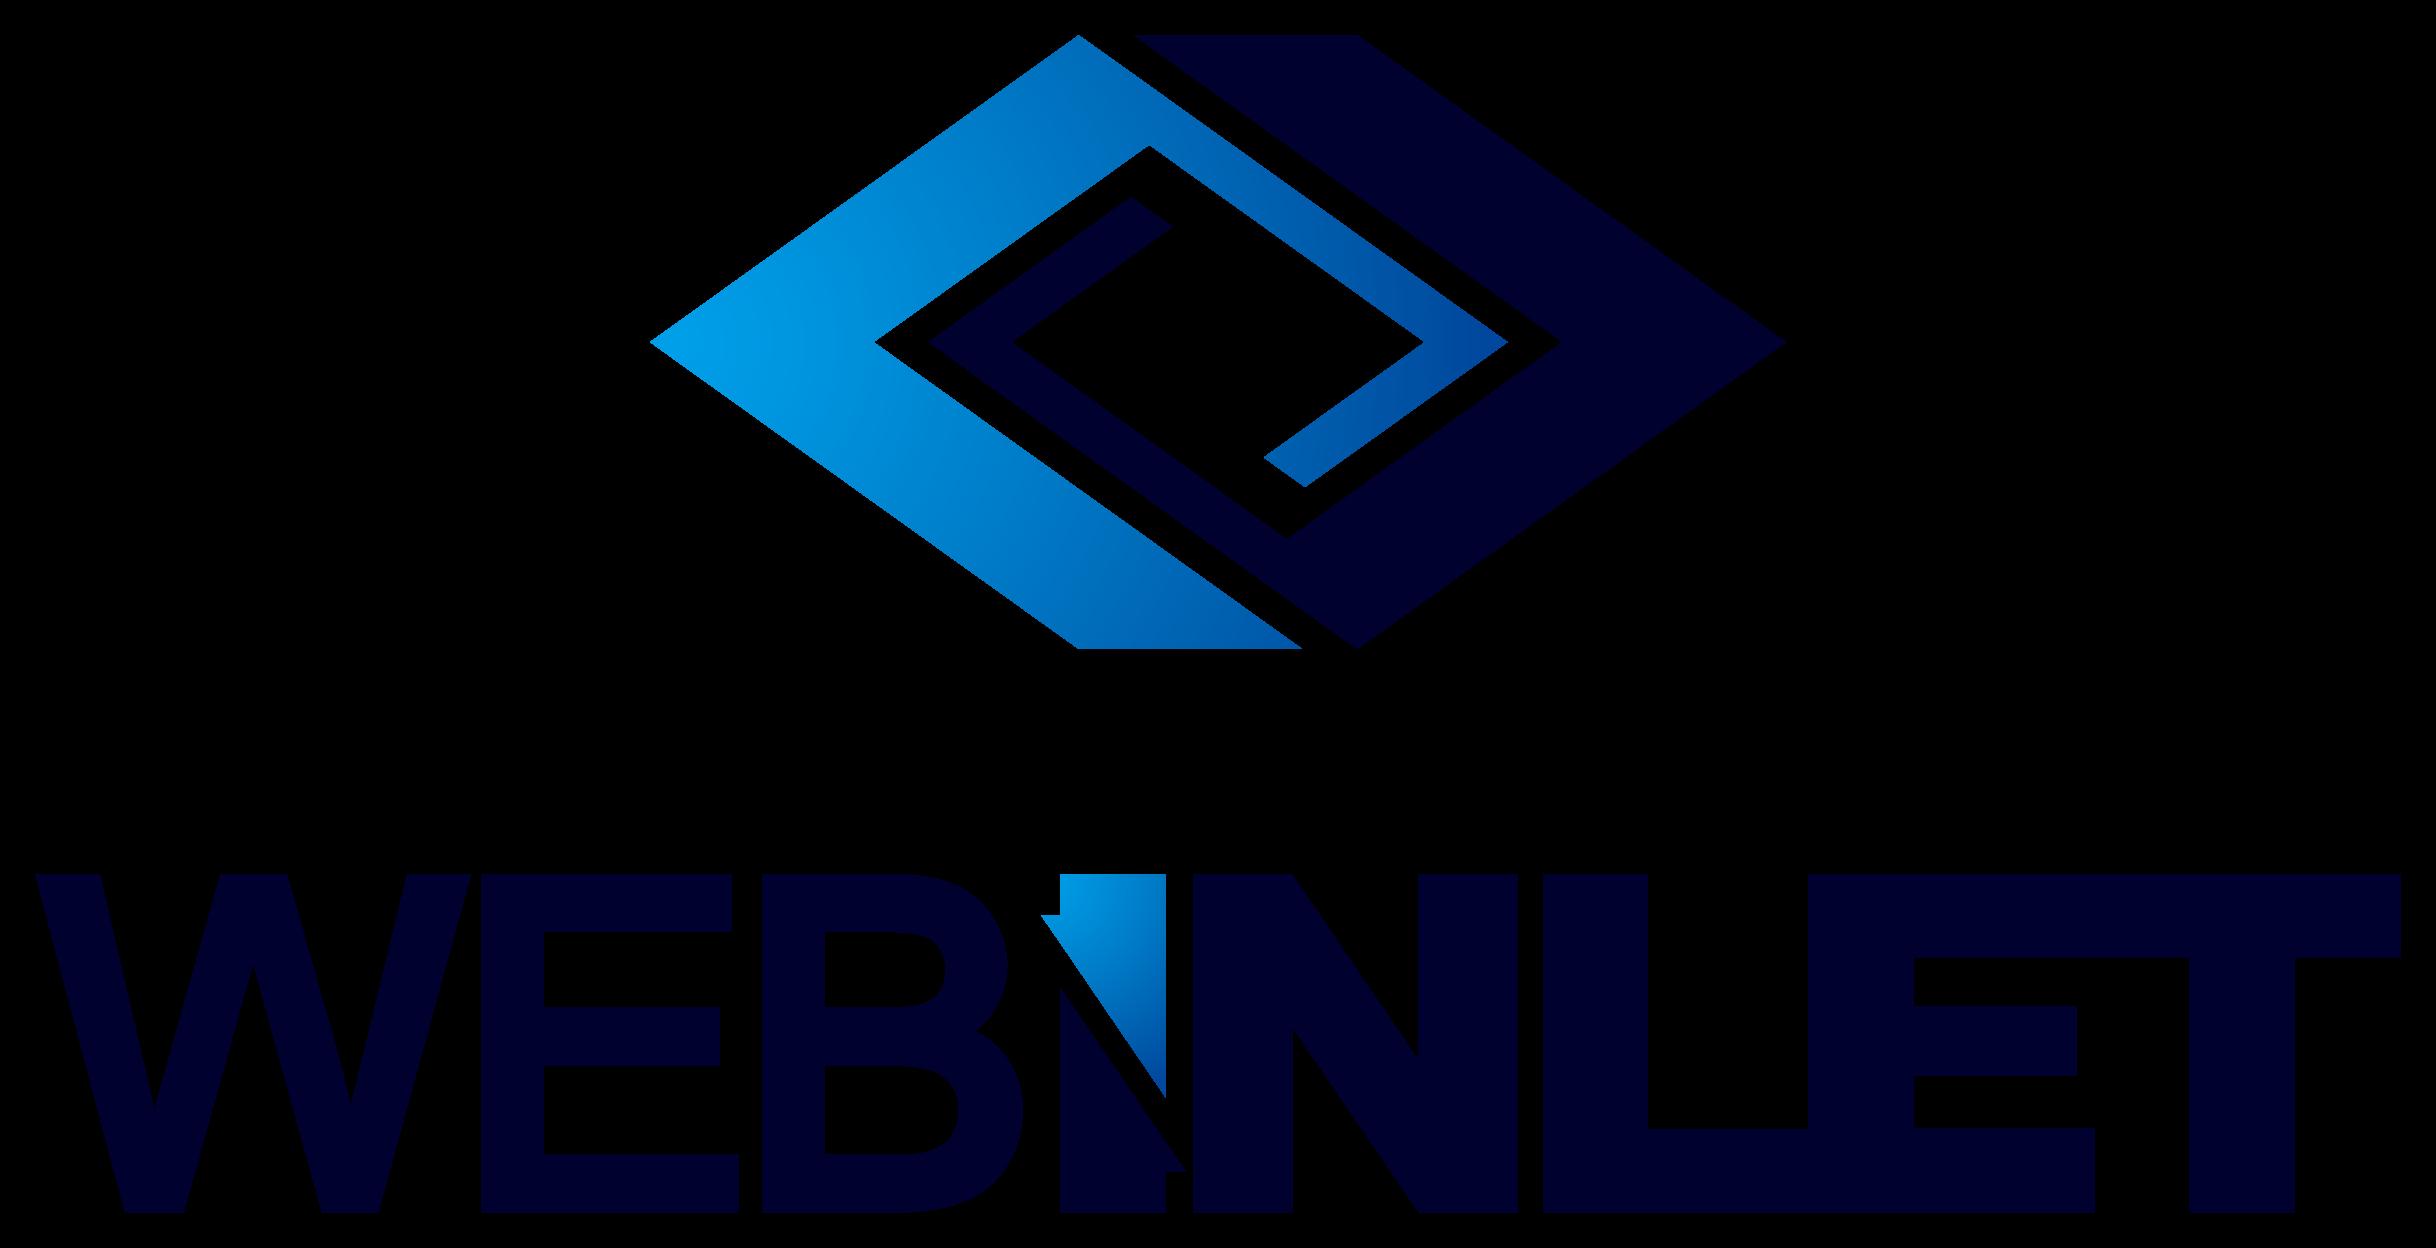 ソフトウェア・プログラム開発と堅め/堅実と青のロゴ